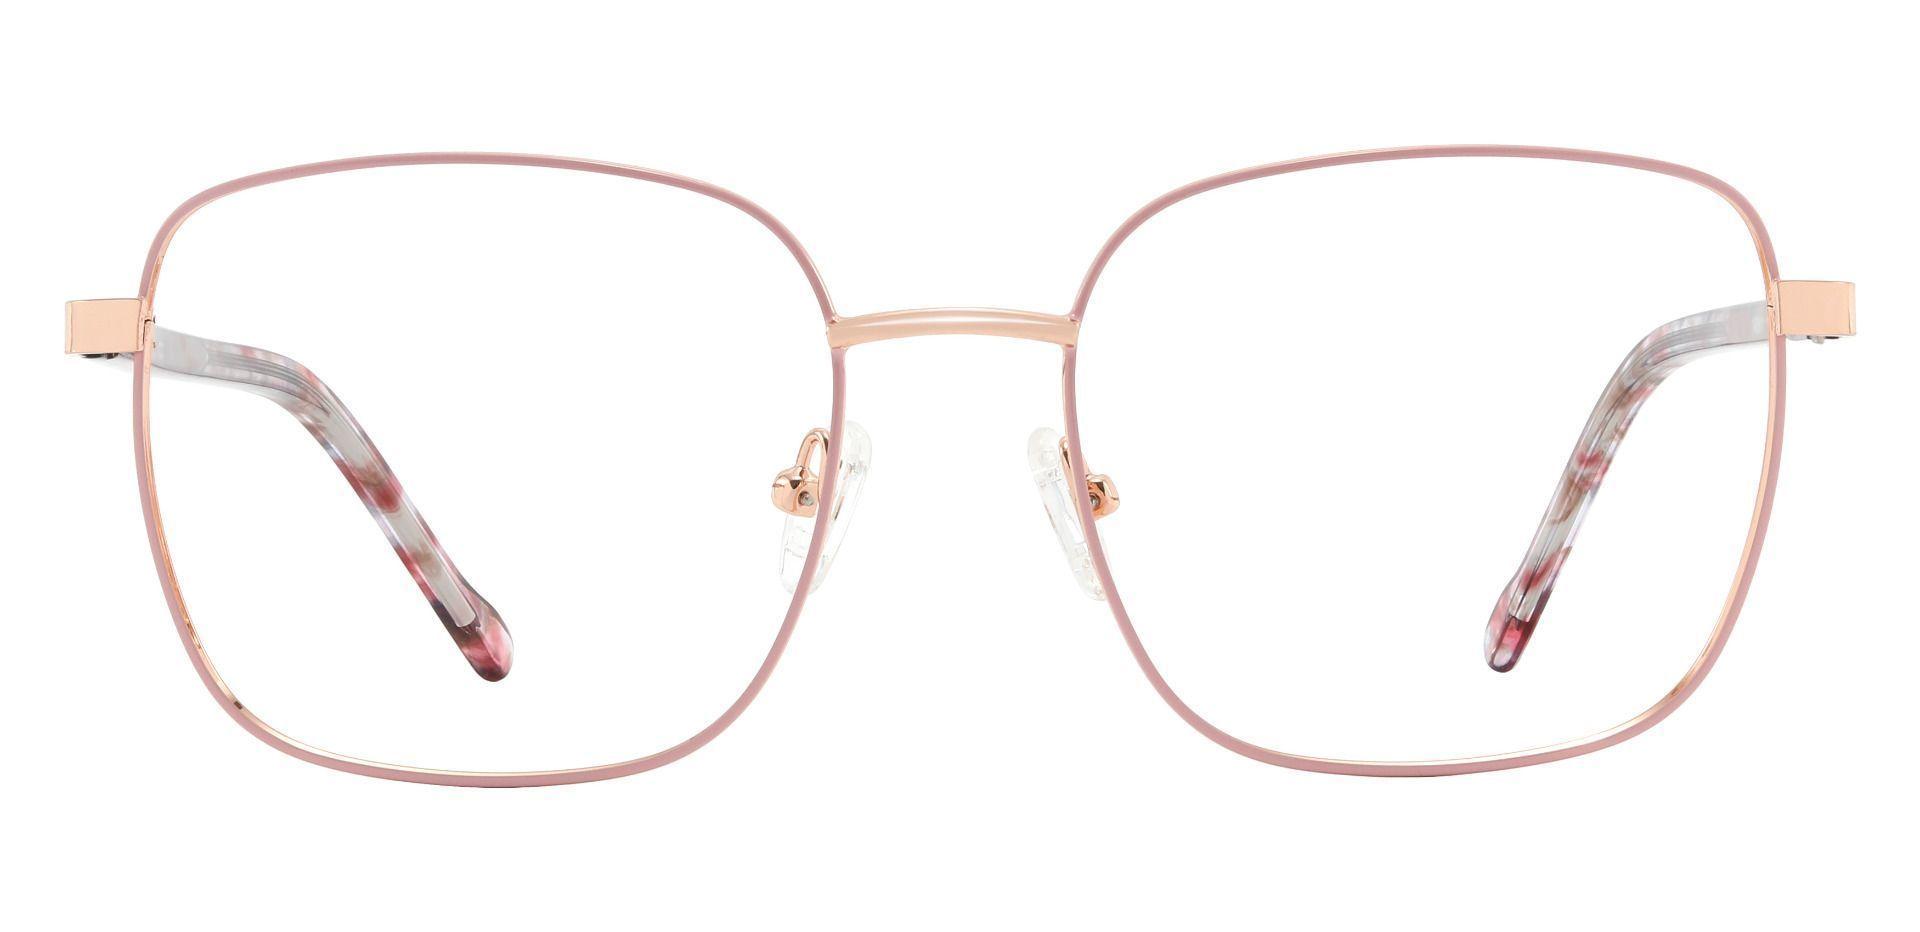 Sunrise Square Prescription Glasses - Pink